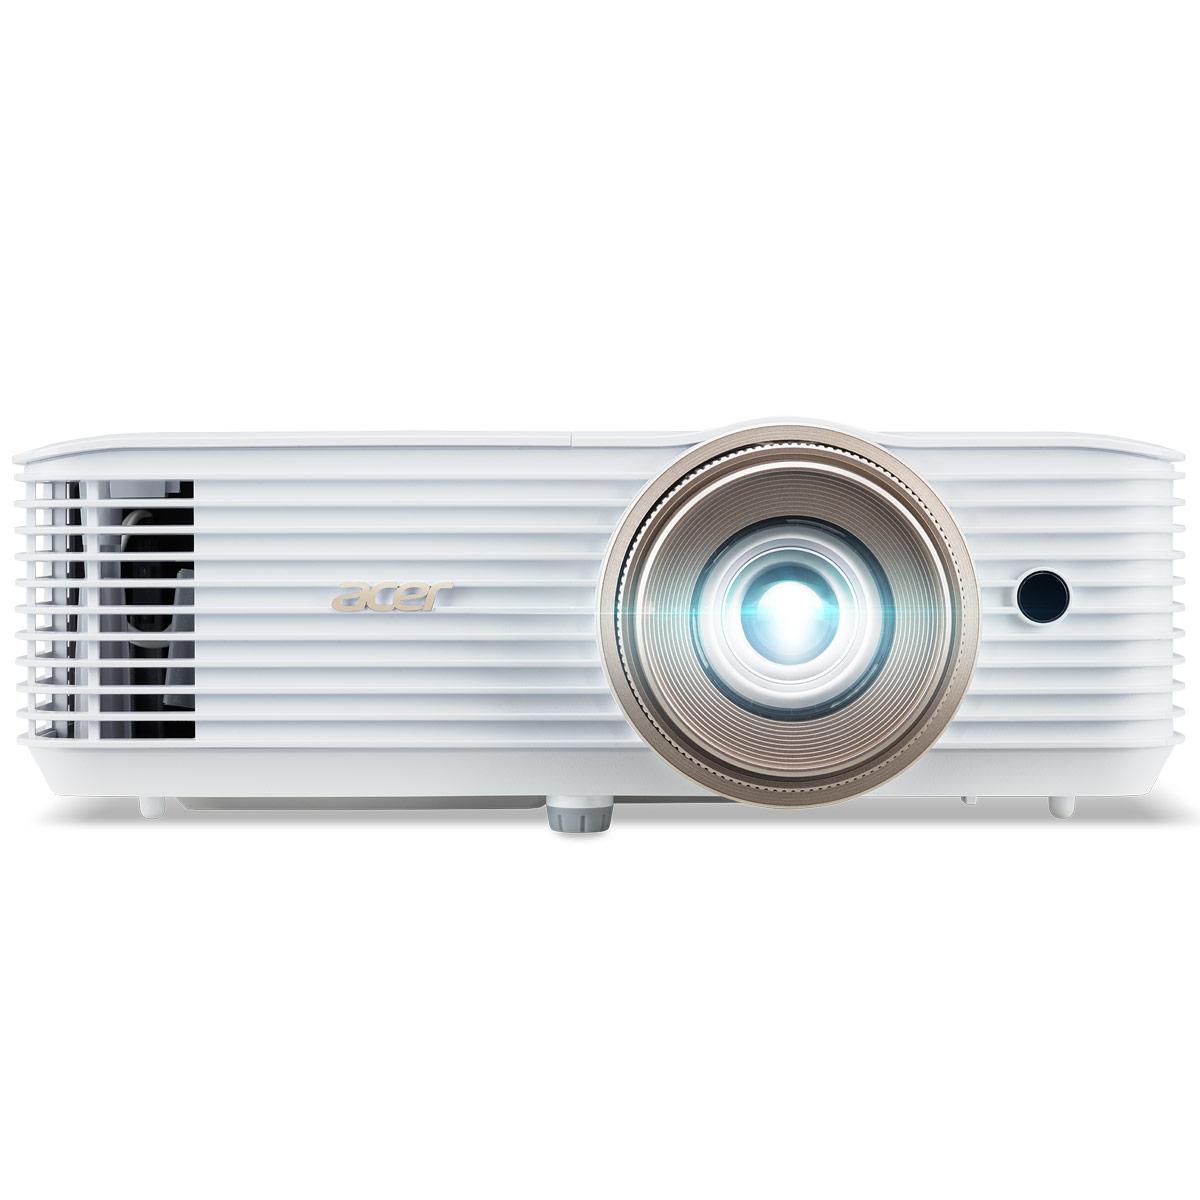 Vidéoprojecteur Acer HV532 DLP - 3D Ready (Via 70€ d'ODR)